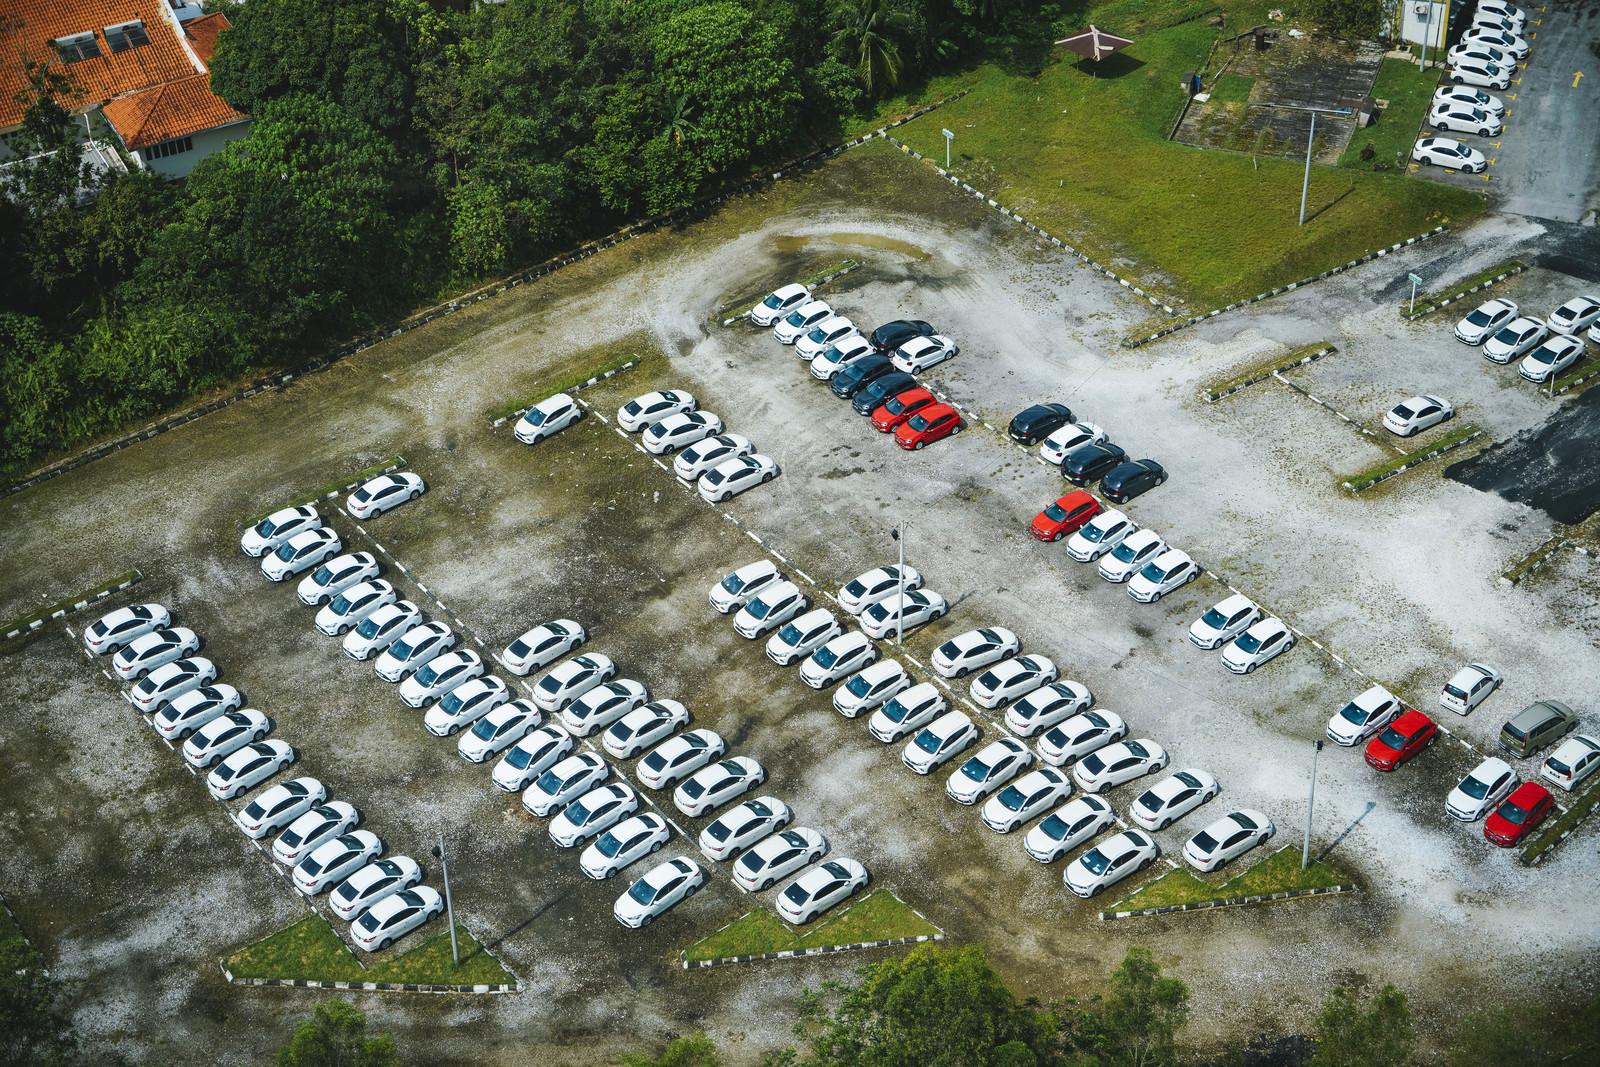 「広い駐車場に止まる白い車広い駐車場に止まる白い車」のフリー写真素材を拡大